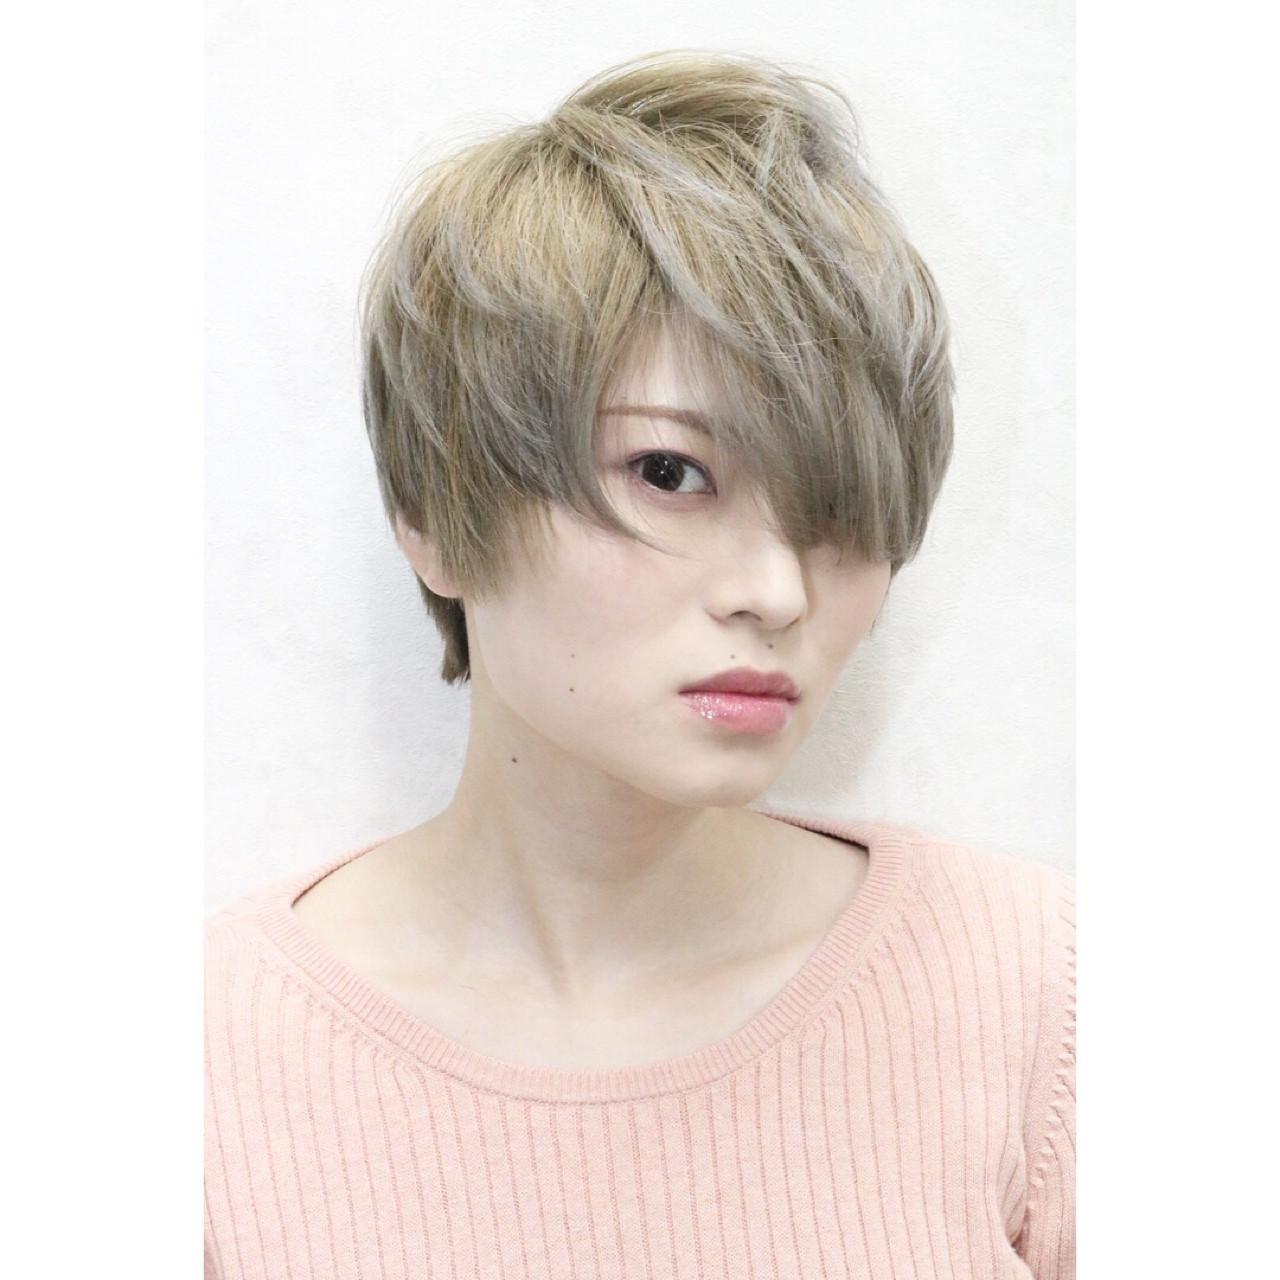 グラデーションカラー 外国人風 ハイトーン ショート ヘアスタイルや髪型の写真・画像